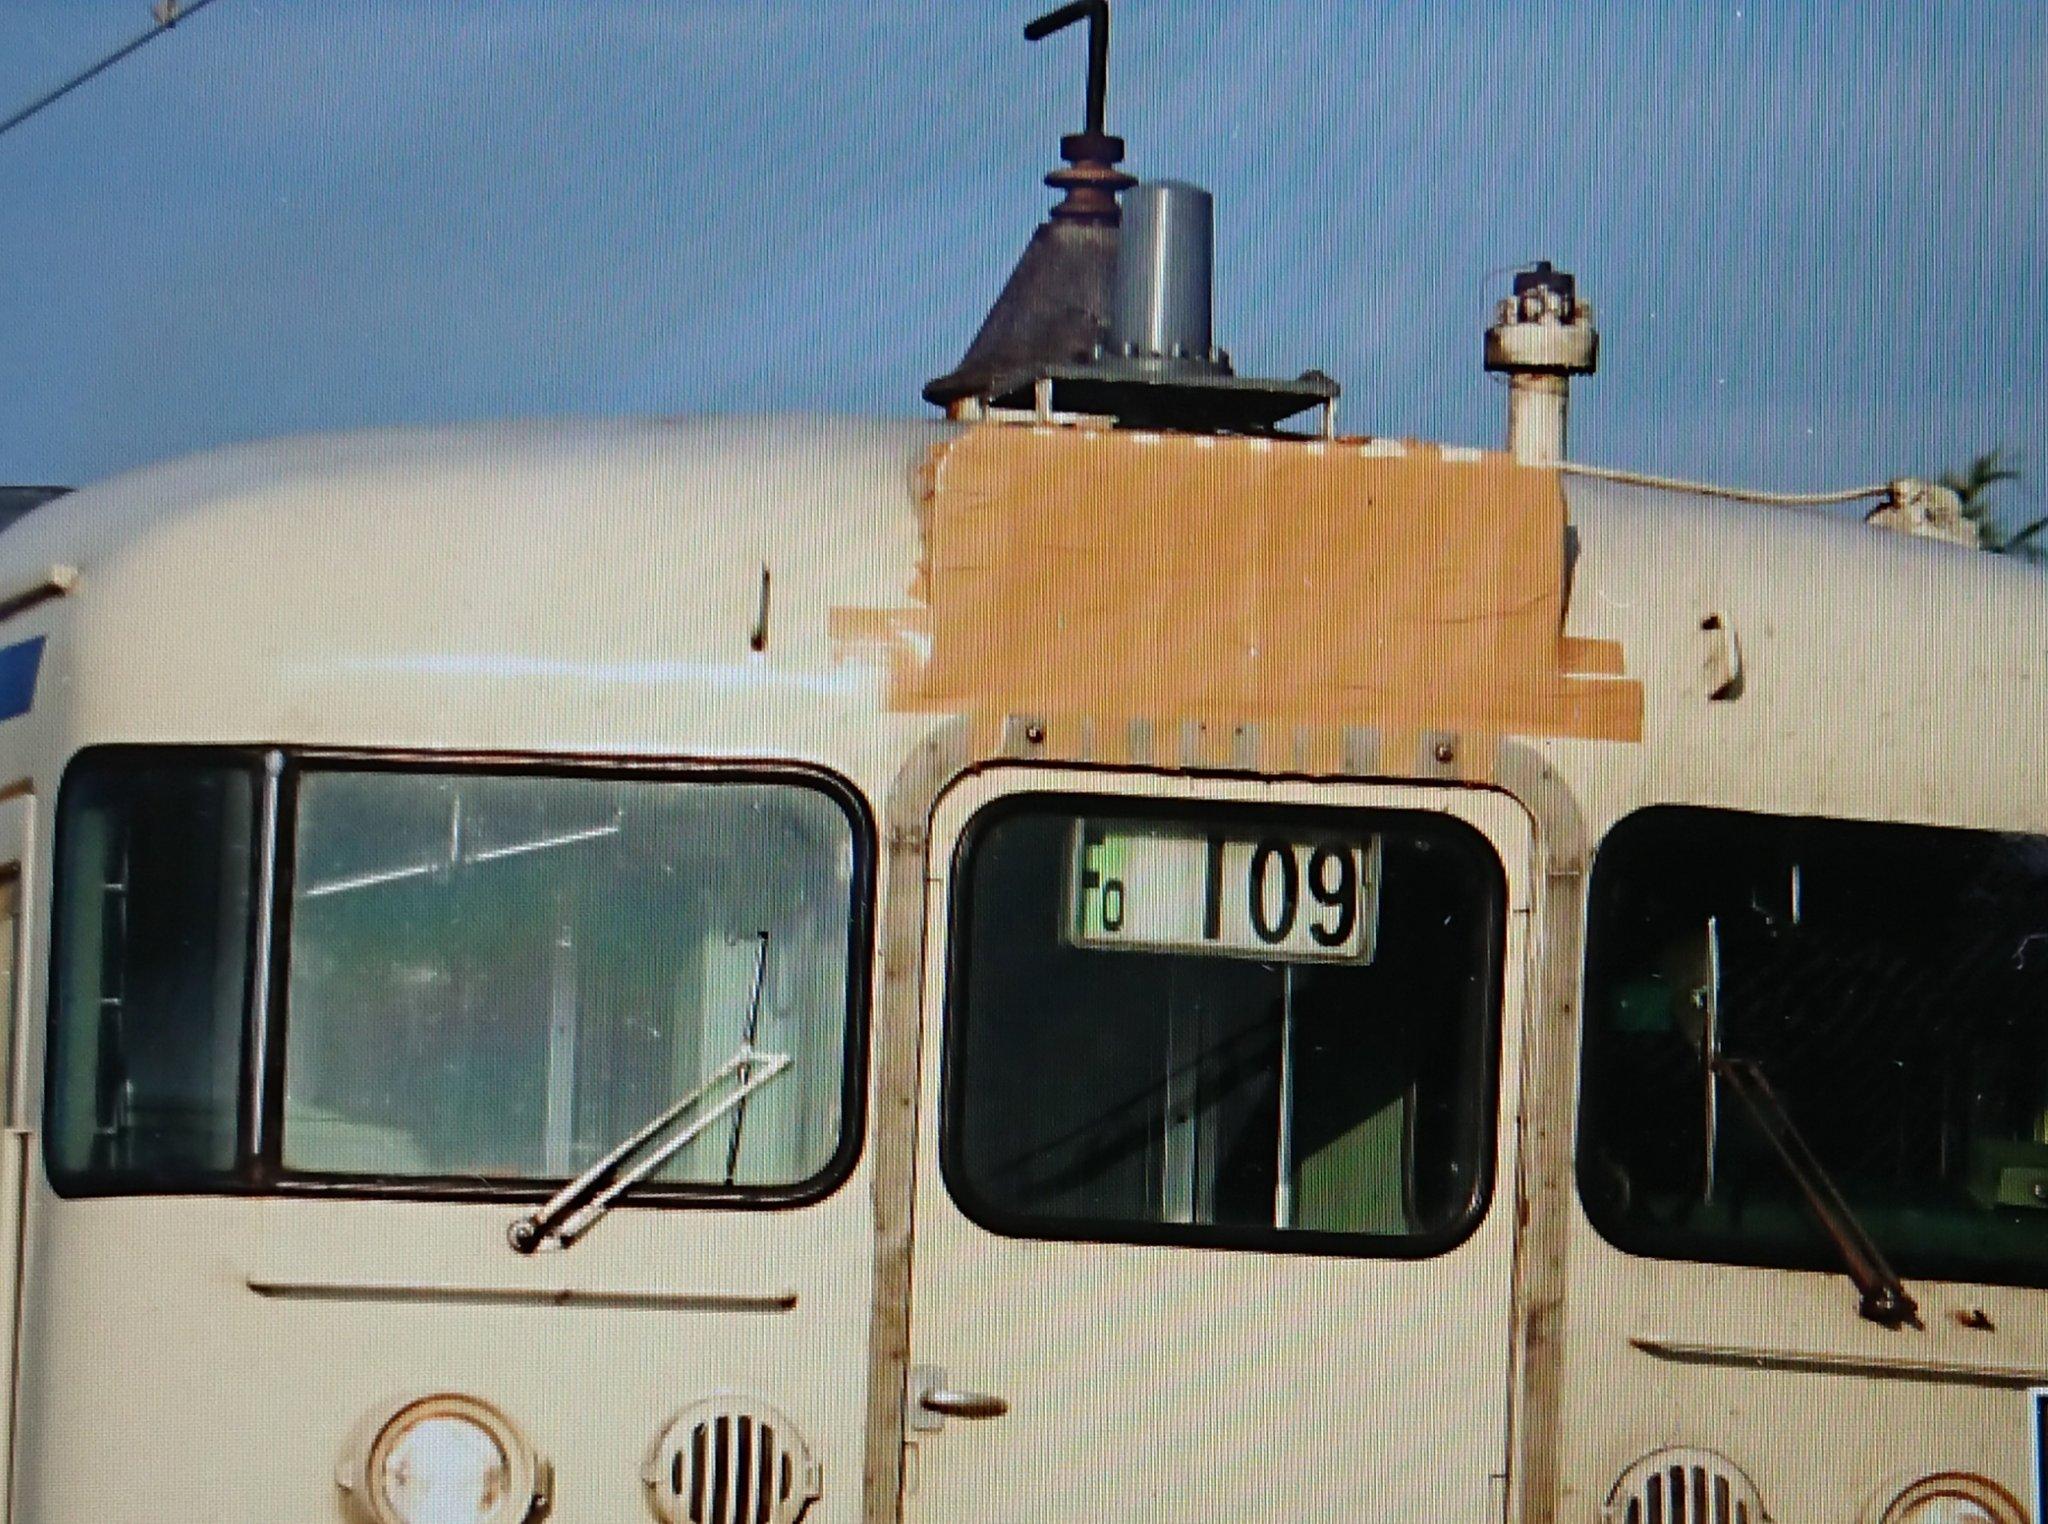 【國鐵廣島?】JR九州415系Fo109編成の方向幕がガムテープで塞がれる 一体何があったのか